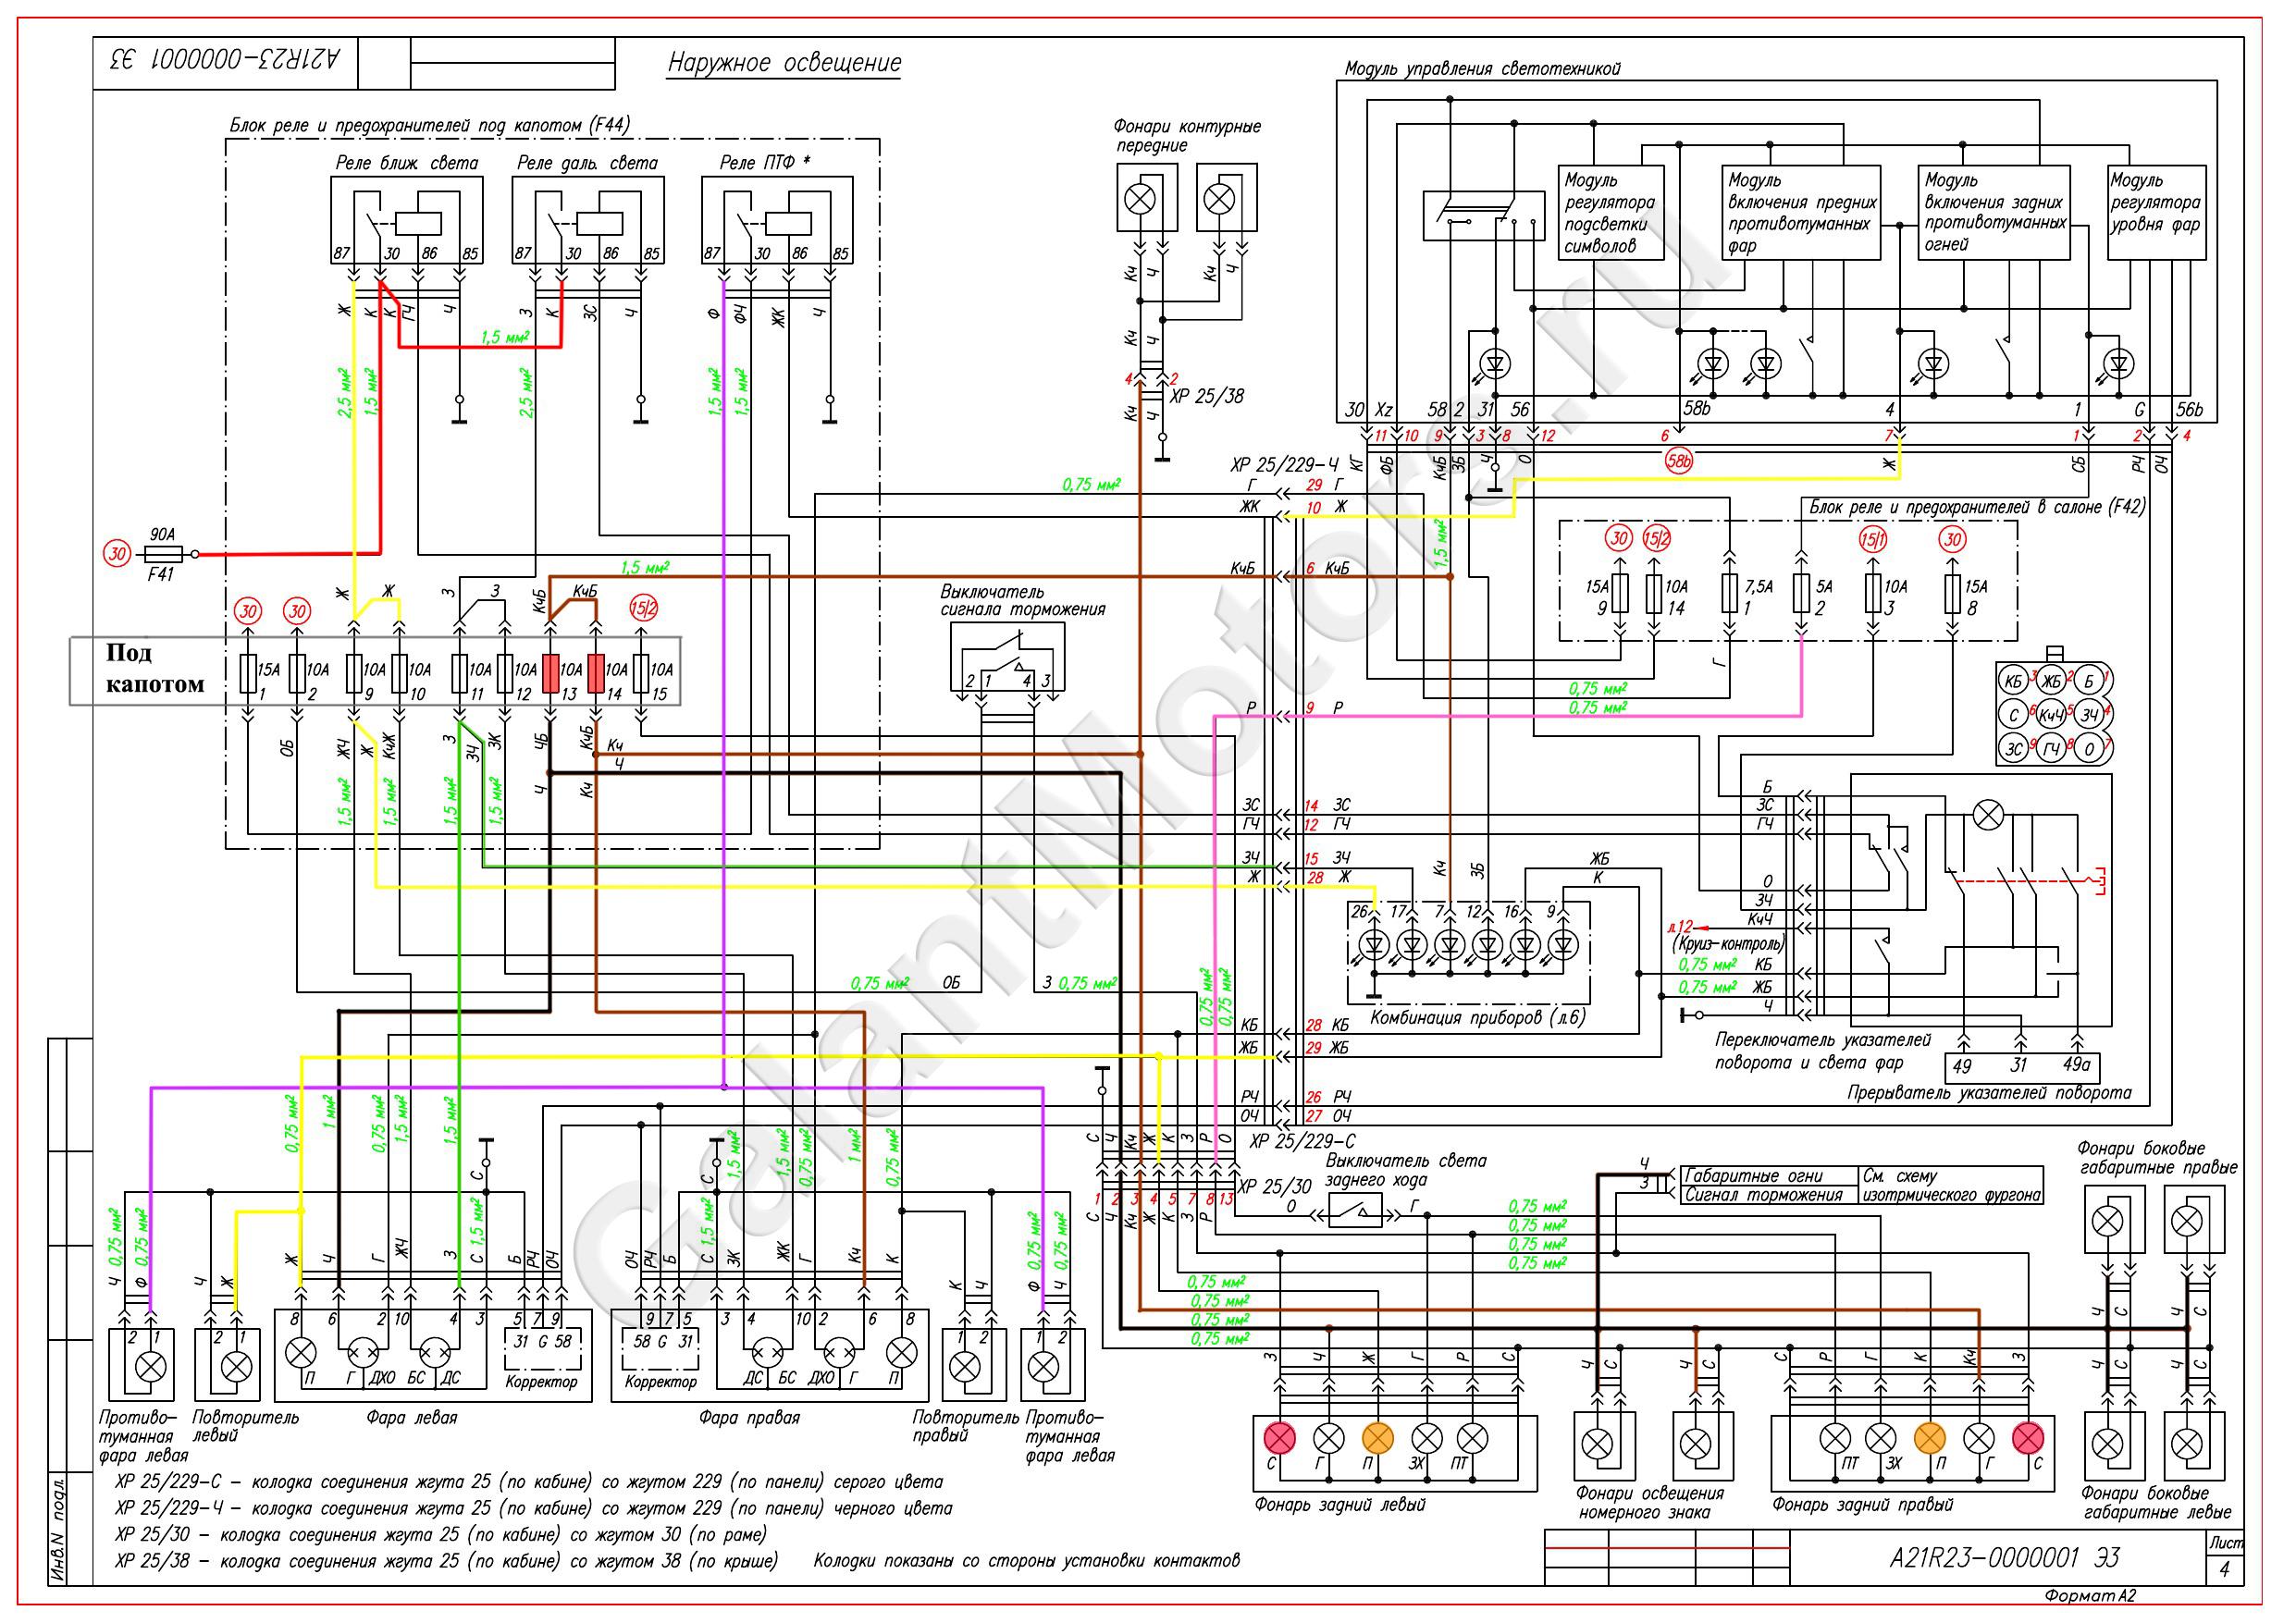 Умз-4216 схема управления гбо